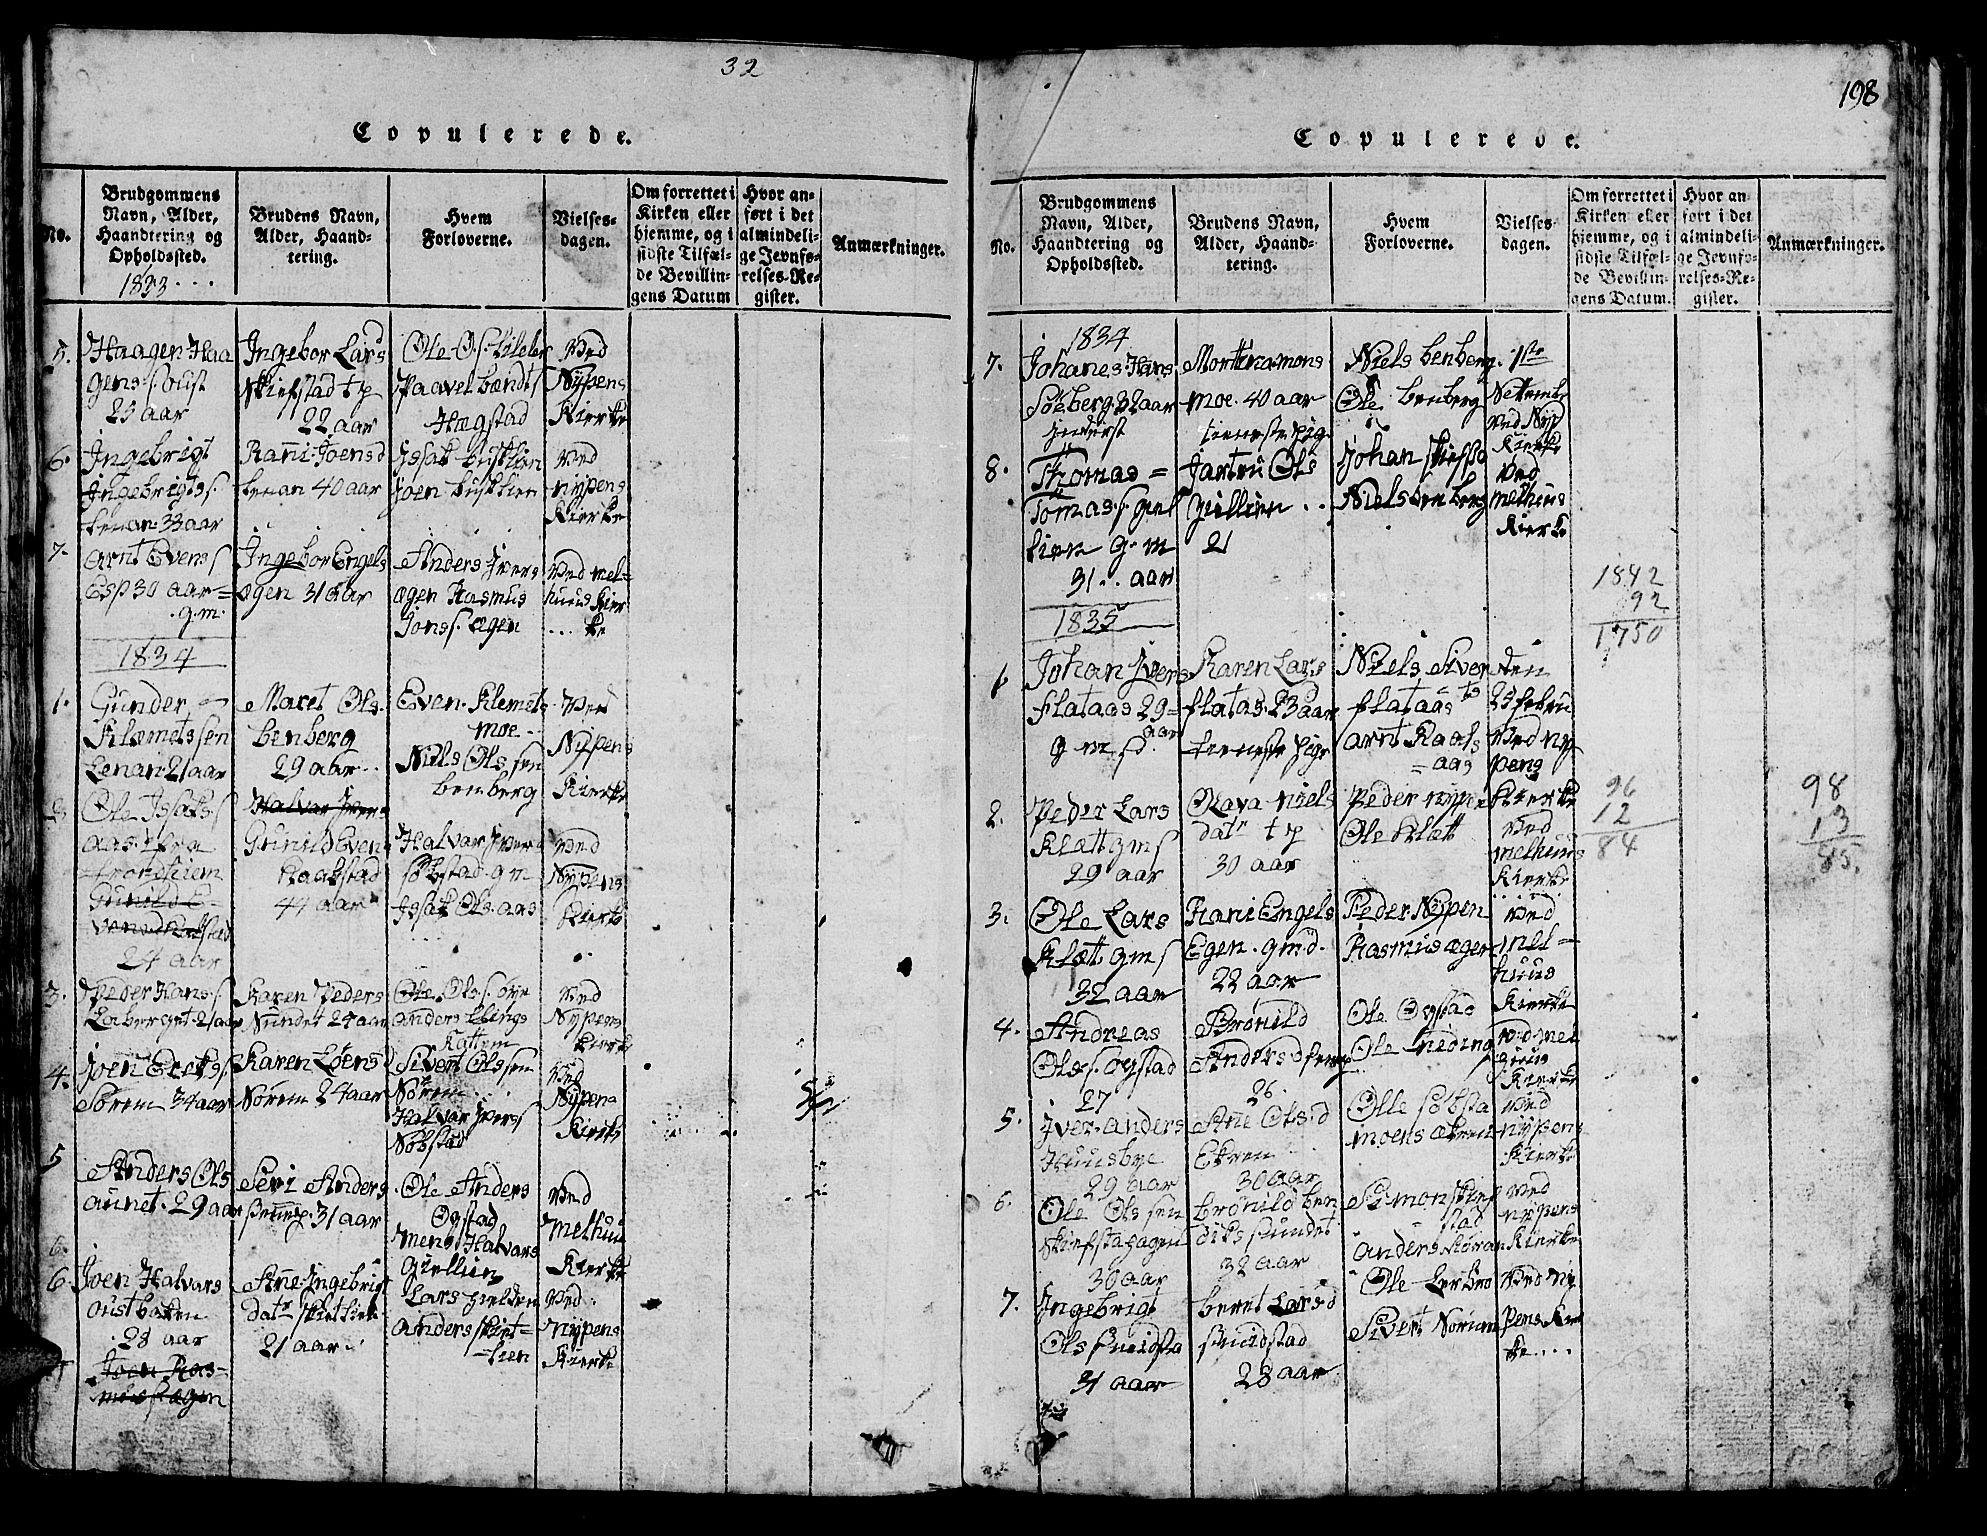 SAT, Ministerialprotokoller, klokkerbøker og fødselsregistre - Sør-Trøndelag, 613/L0393: Klokkerbok nr. 613C01, 1816-1886, s. 198